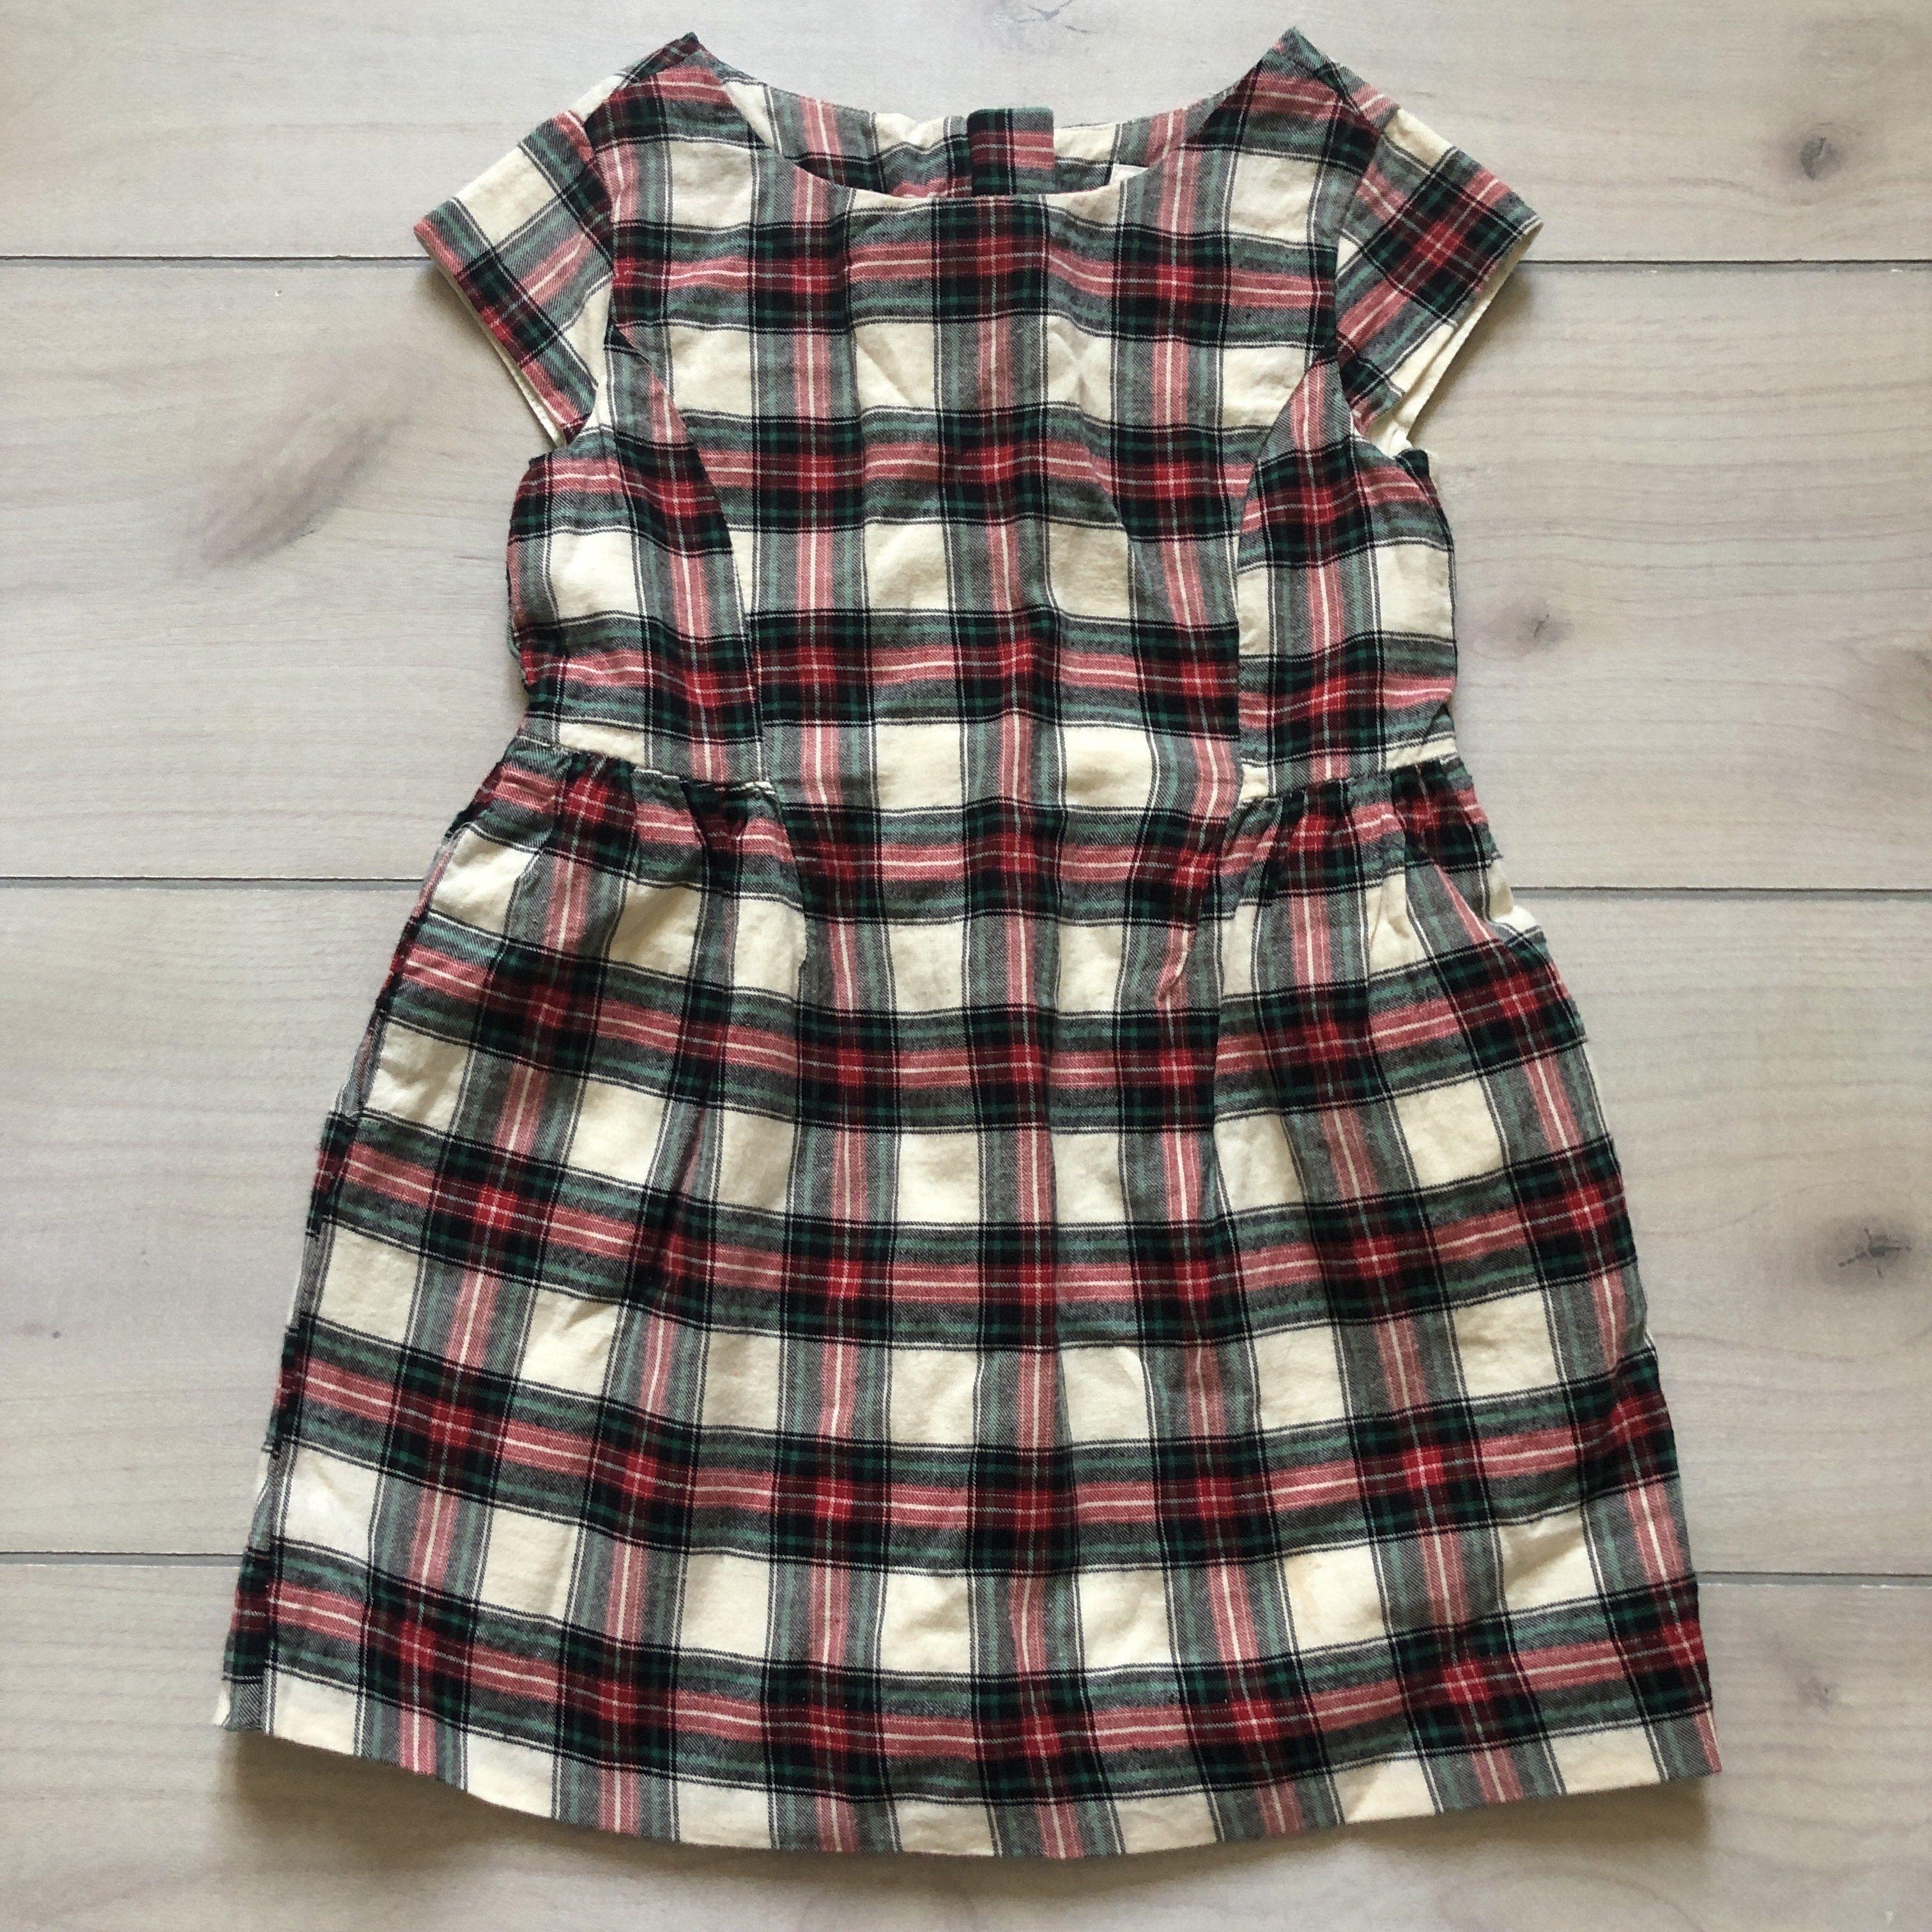 Gap Kids Red Green Flannel Plaid Dress Plaid Dress Plaid Flannel Dress Green Flannel [ 3024 x 3024 Pixel ]